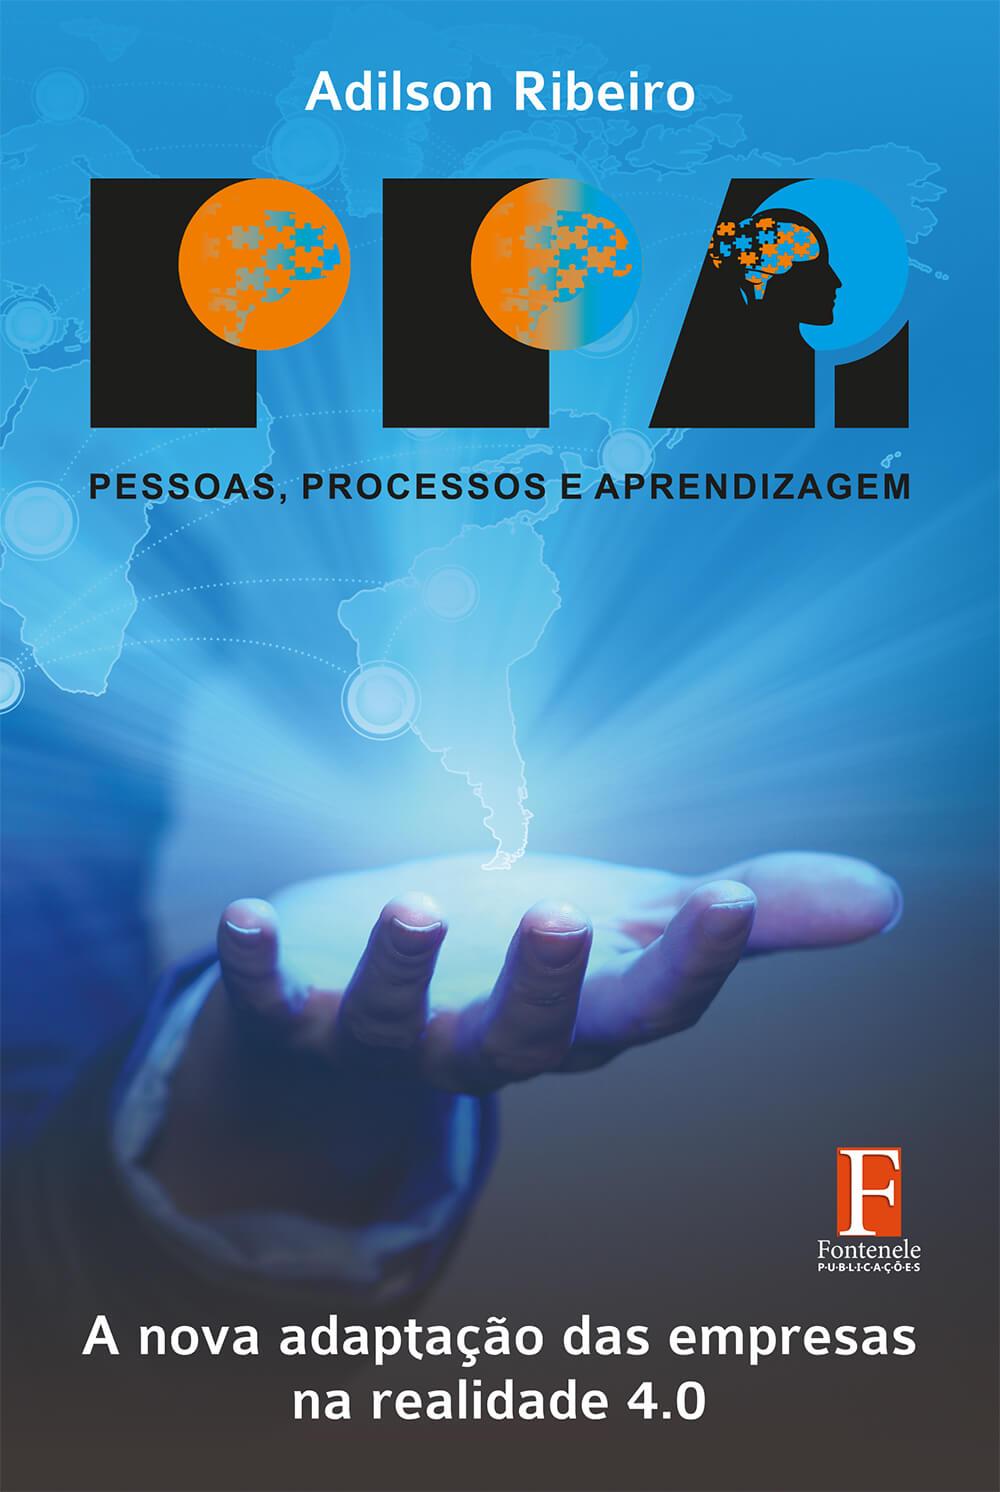 Fontenele Publicações / 11 95150-3481 / 11  95150-4383 Pessoas, Processos e Aprendizagem